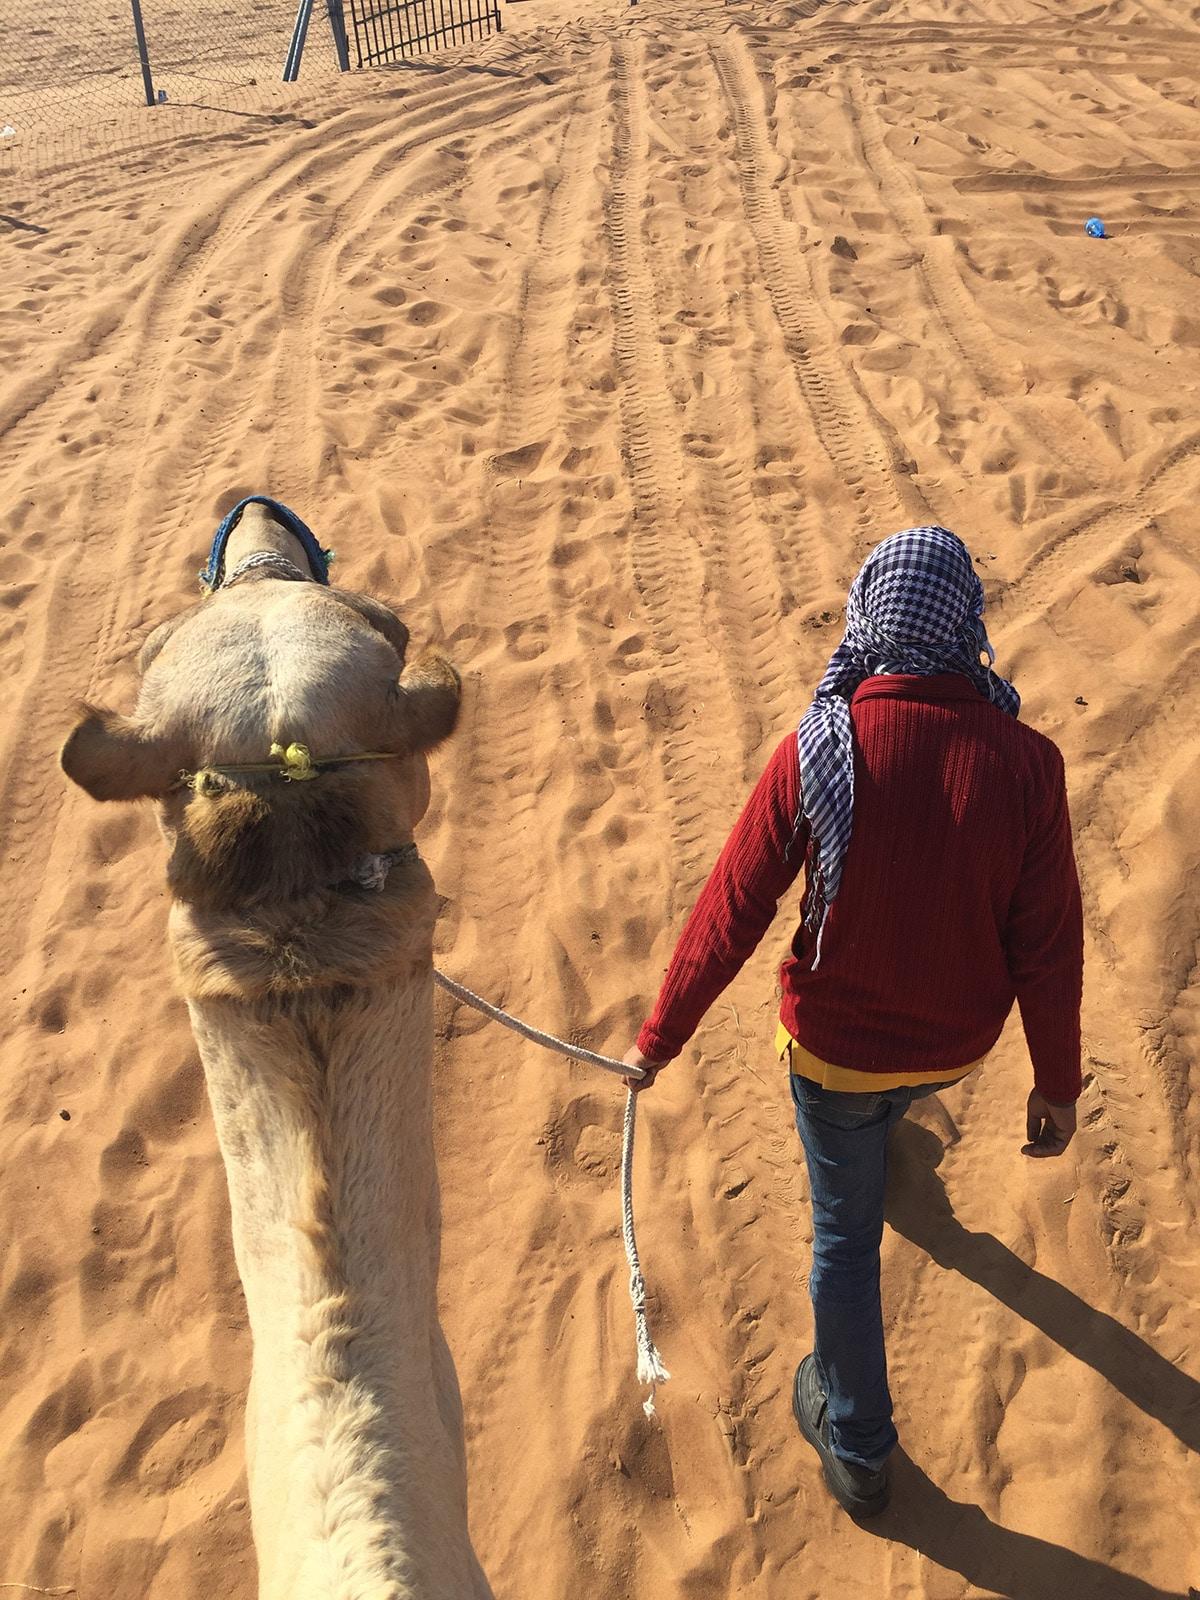 Kameel rijden in de woestijn van Dubai